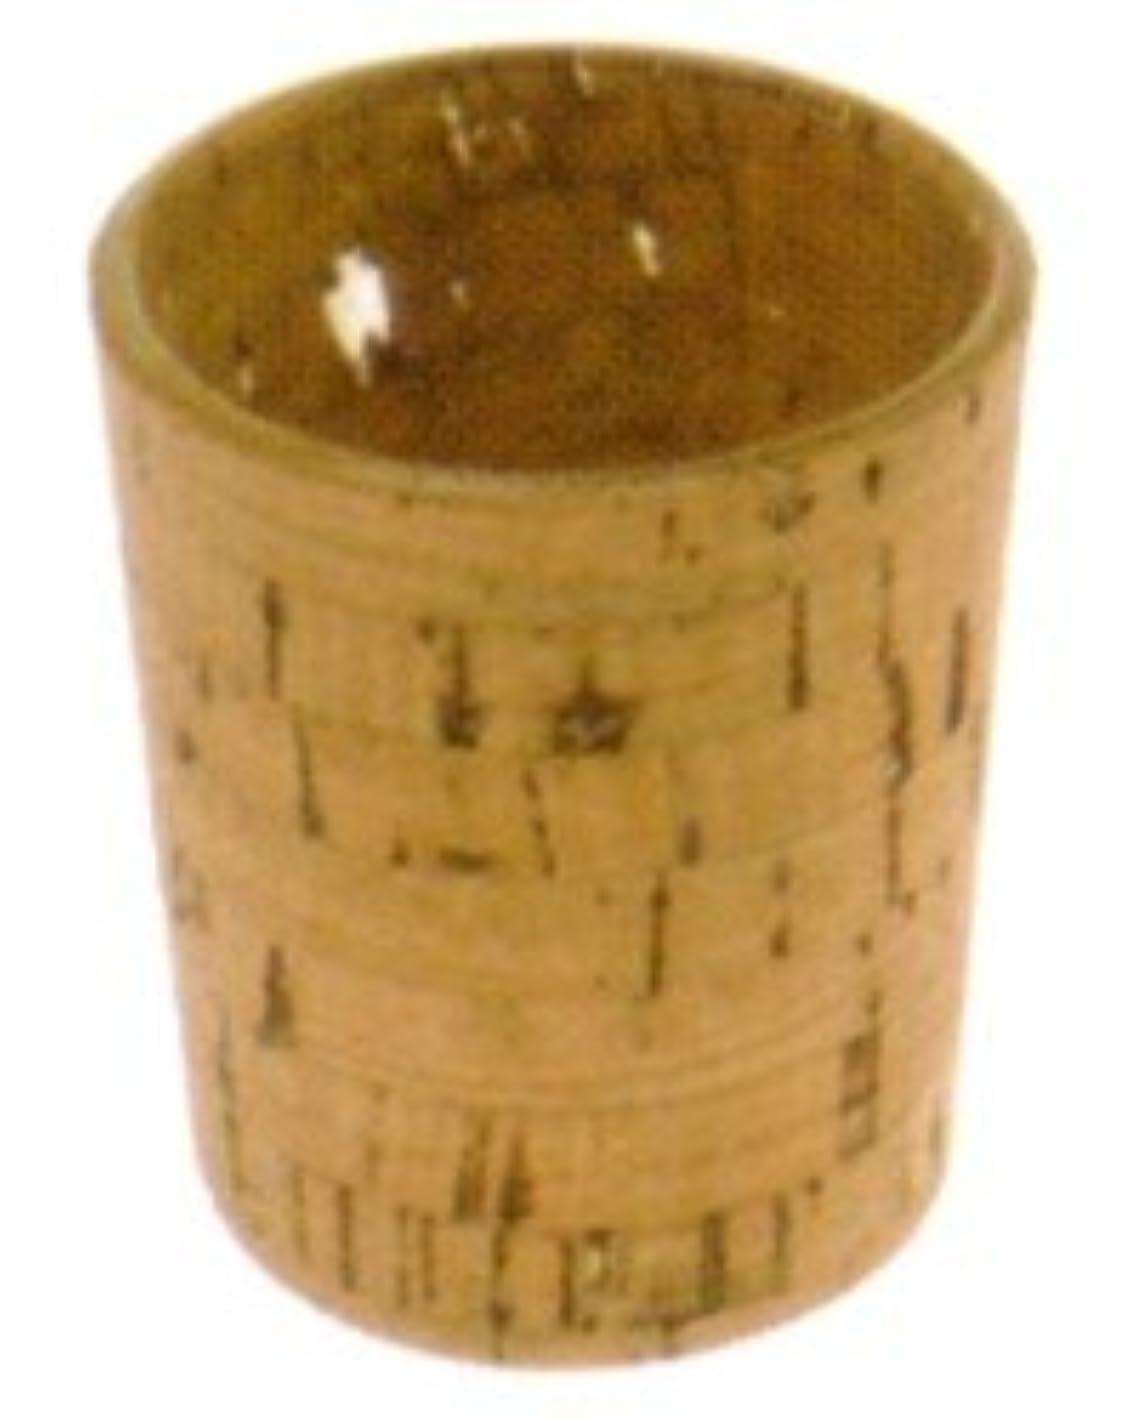 症状形状ラウズキャンドルホルダー ナチュラルウッド cork